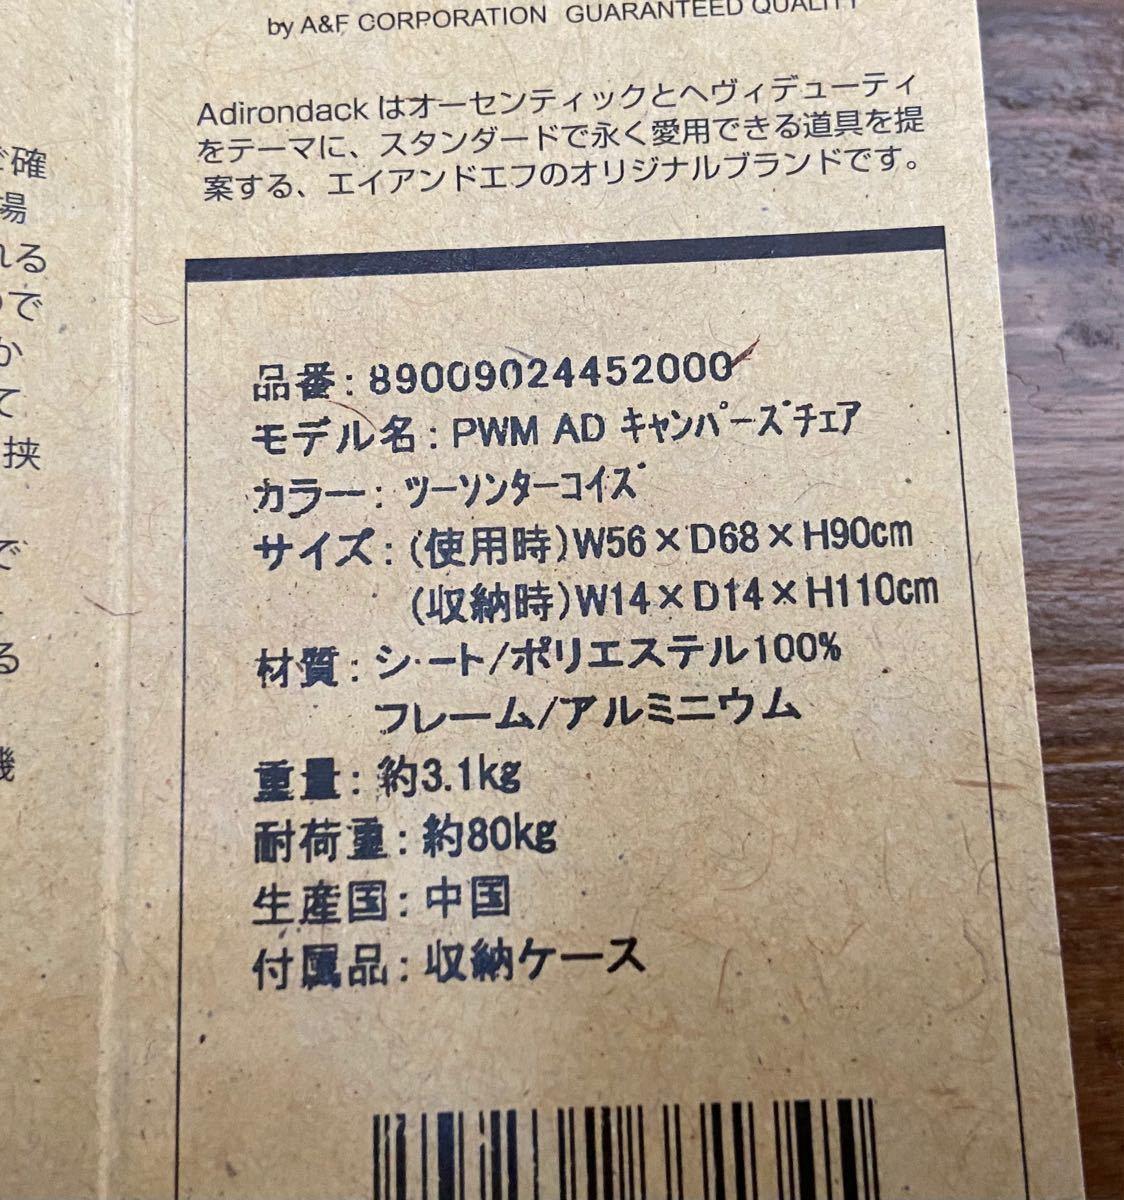 ペンドルトン アディロンダック キャンパーズチェア 新品・未使用